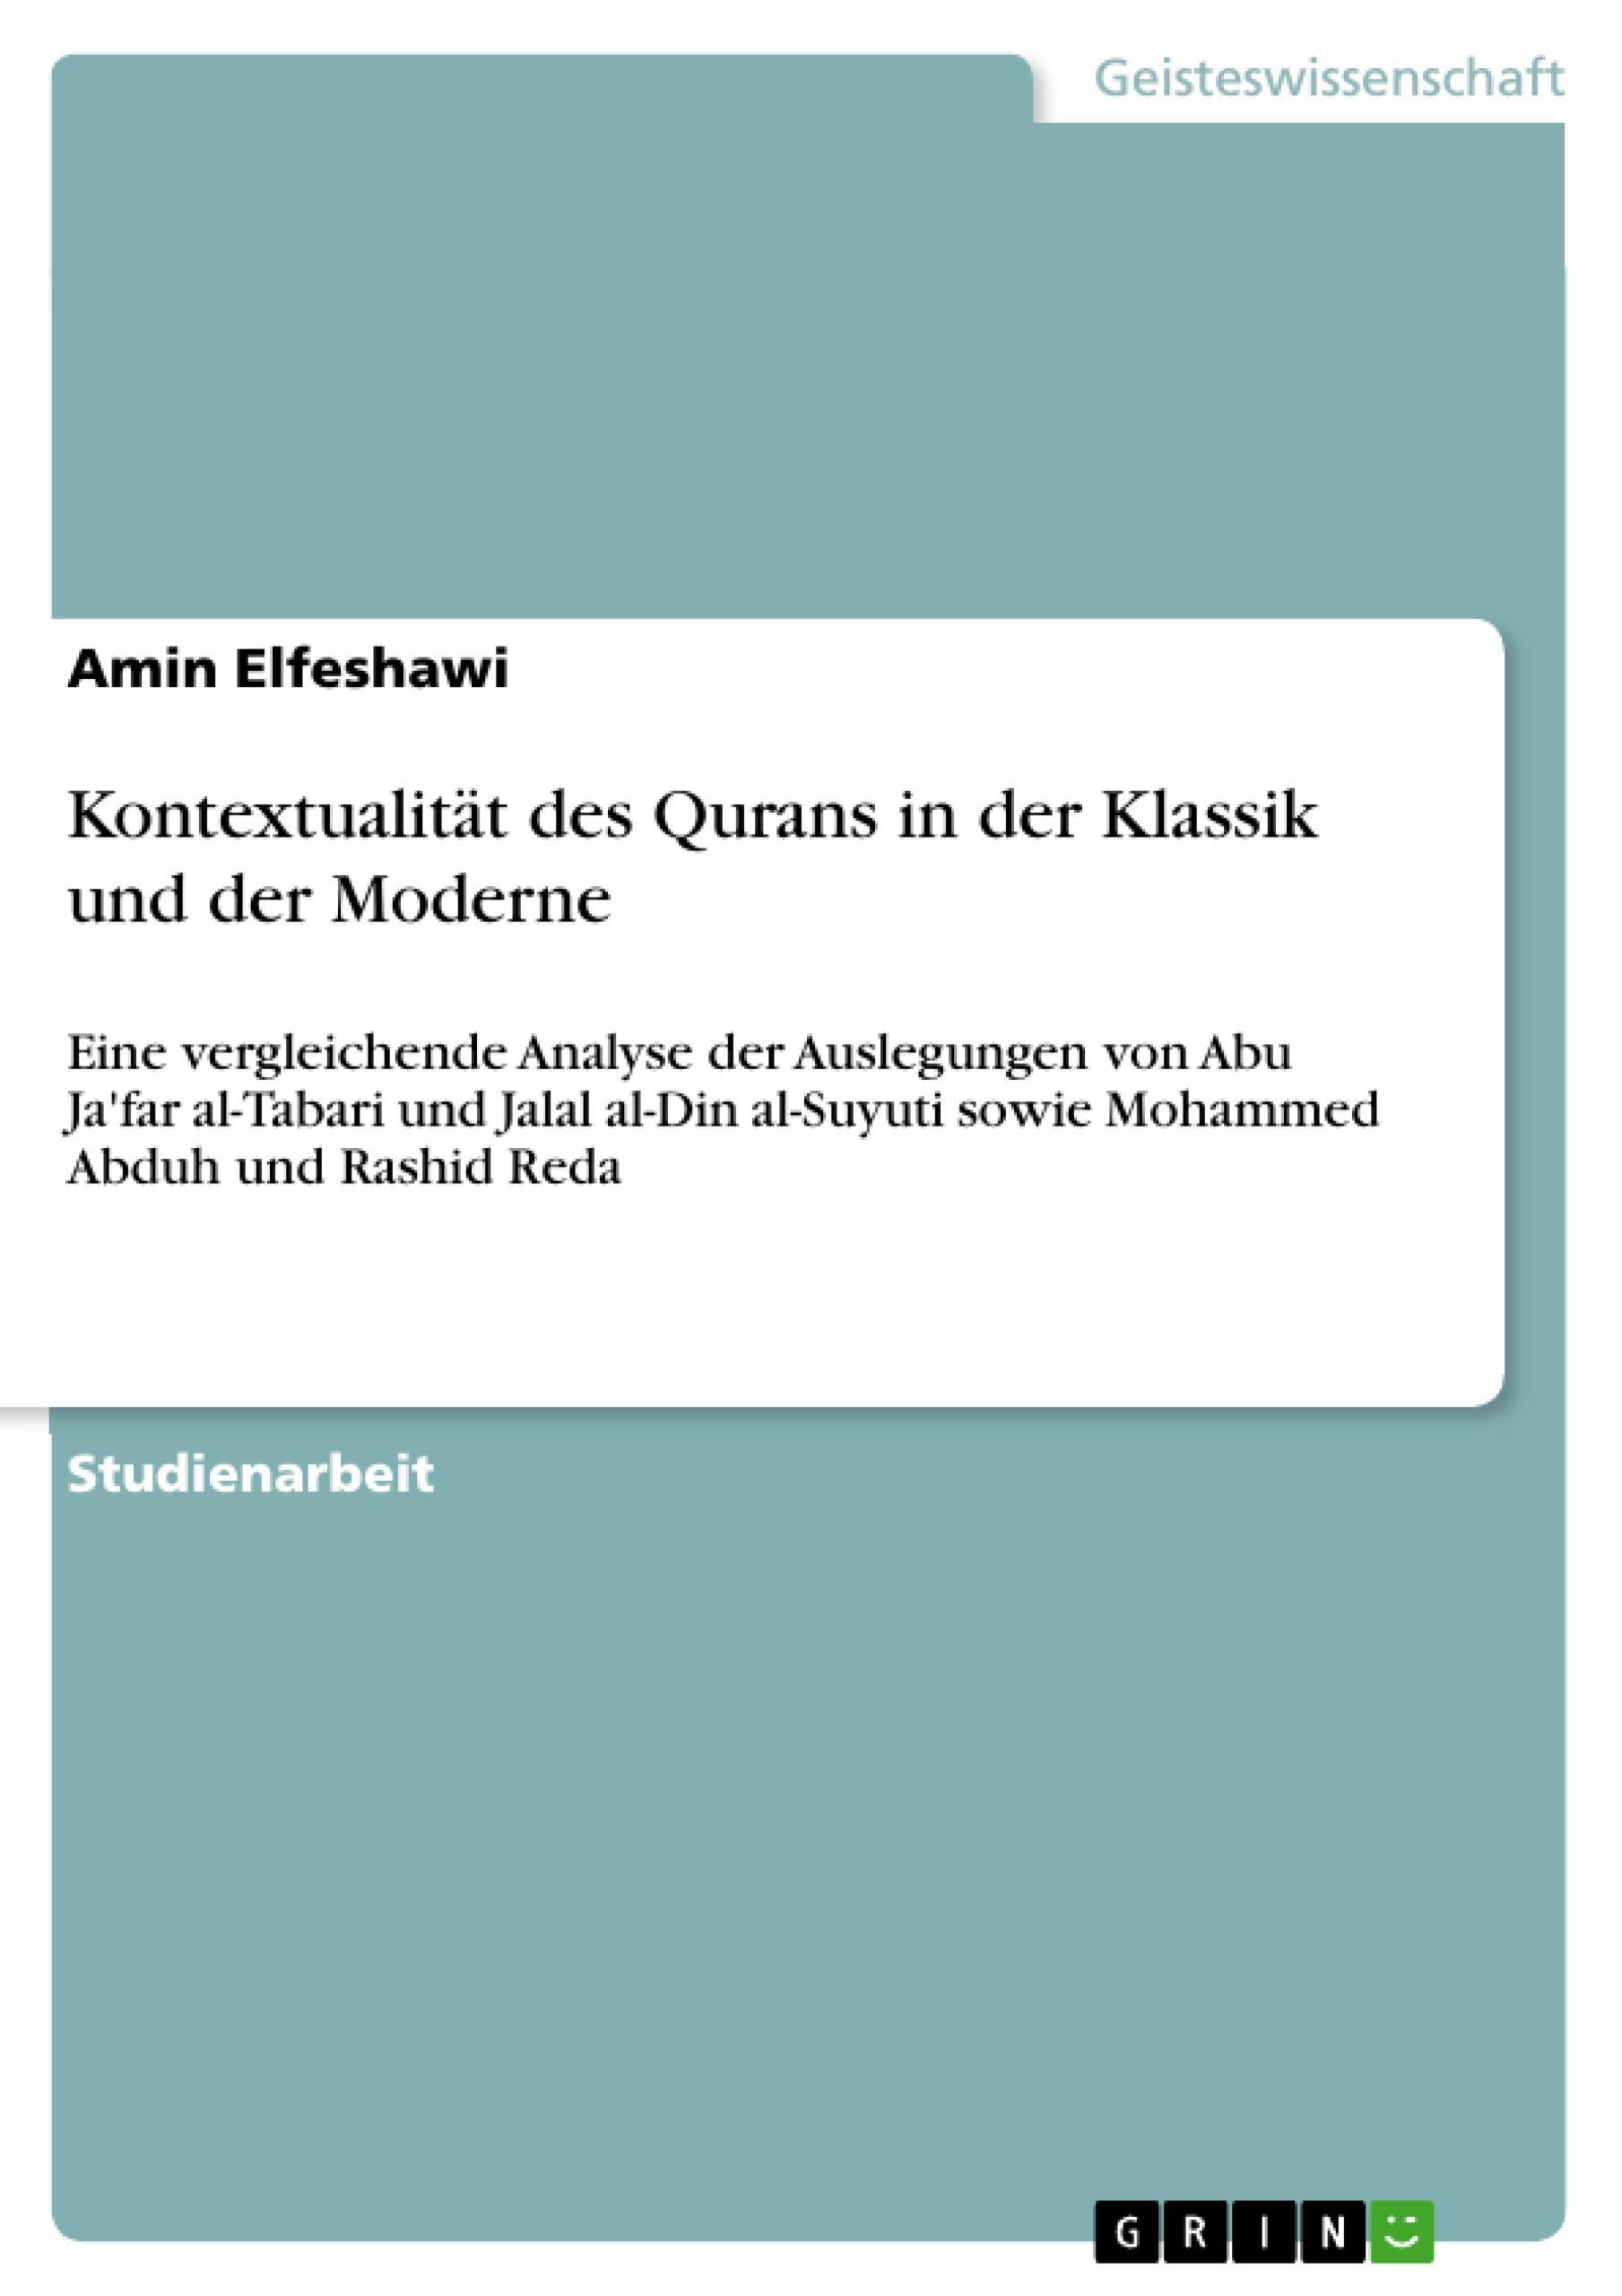 Kontextualität des Qurans in der Klassik und der Moderne Amin Elfeshawi